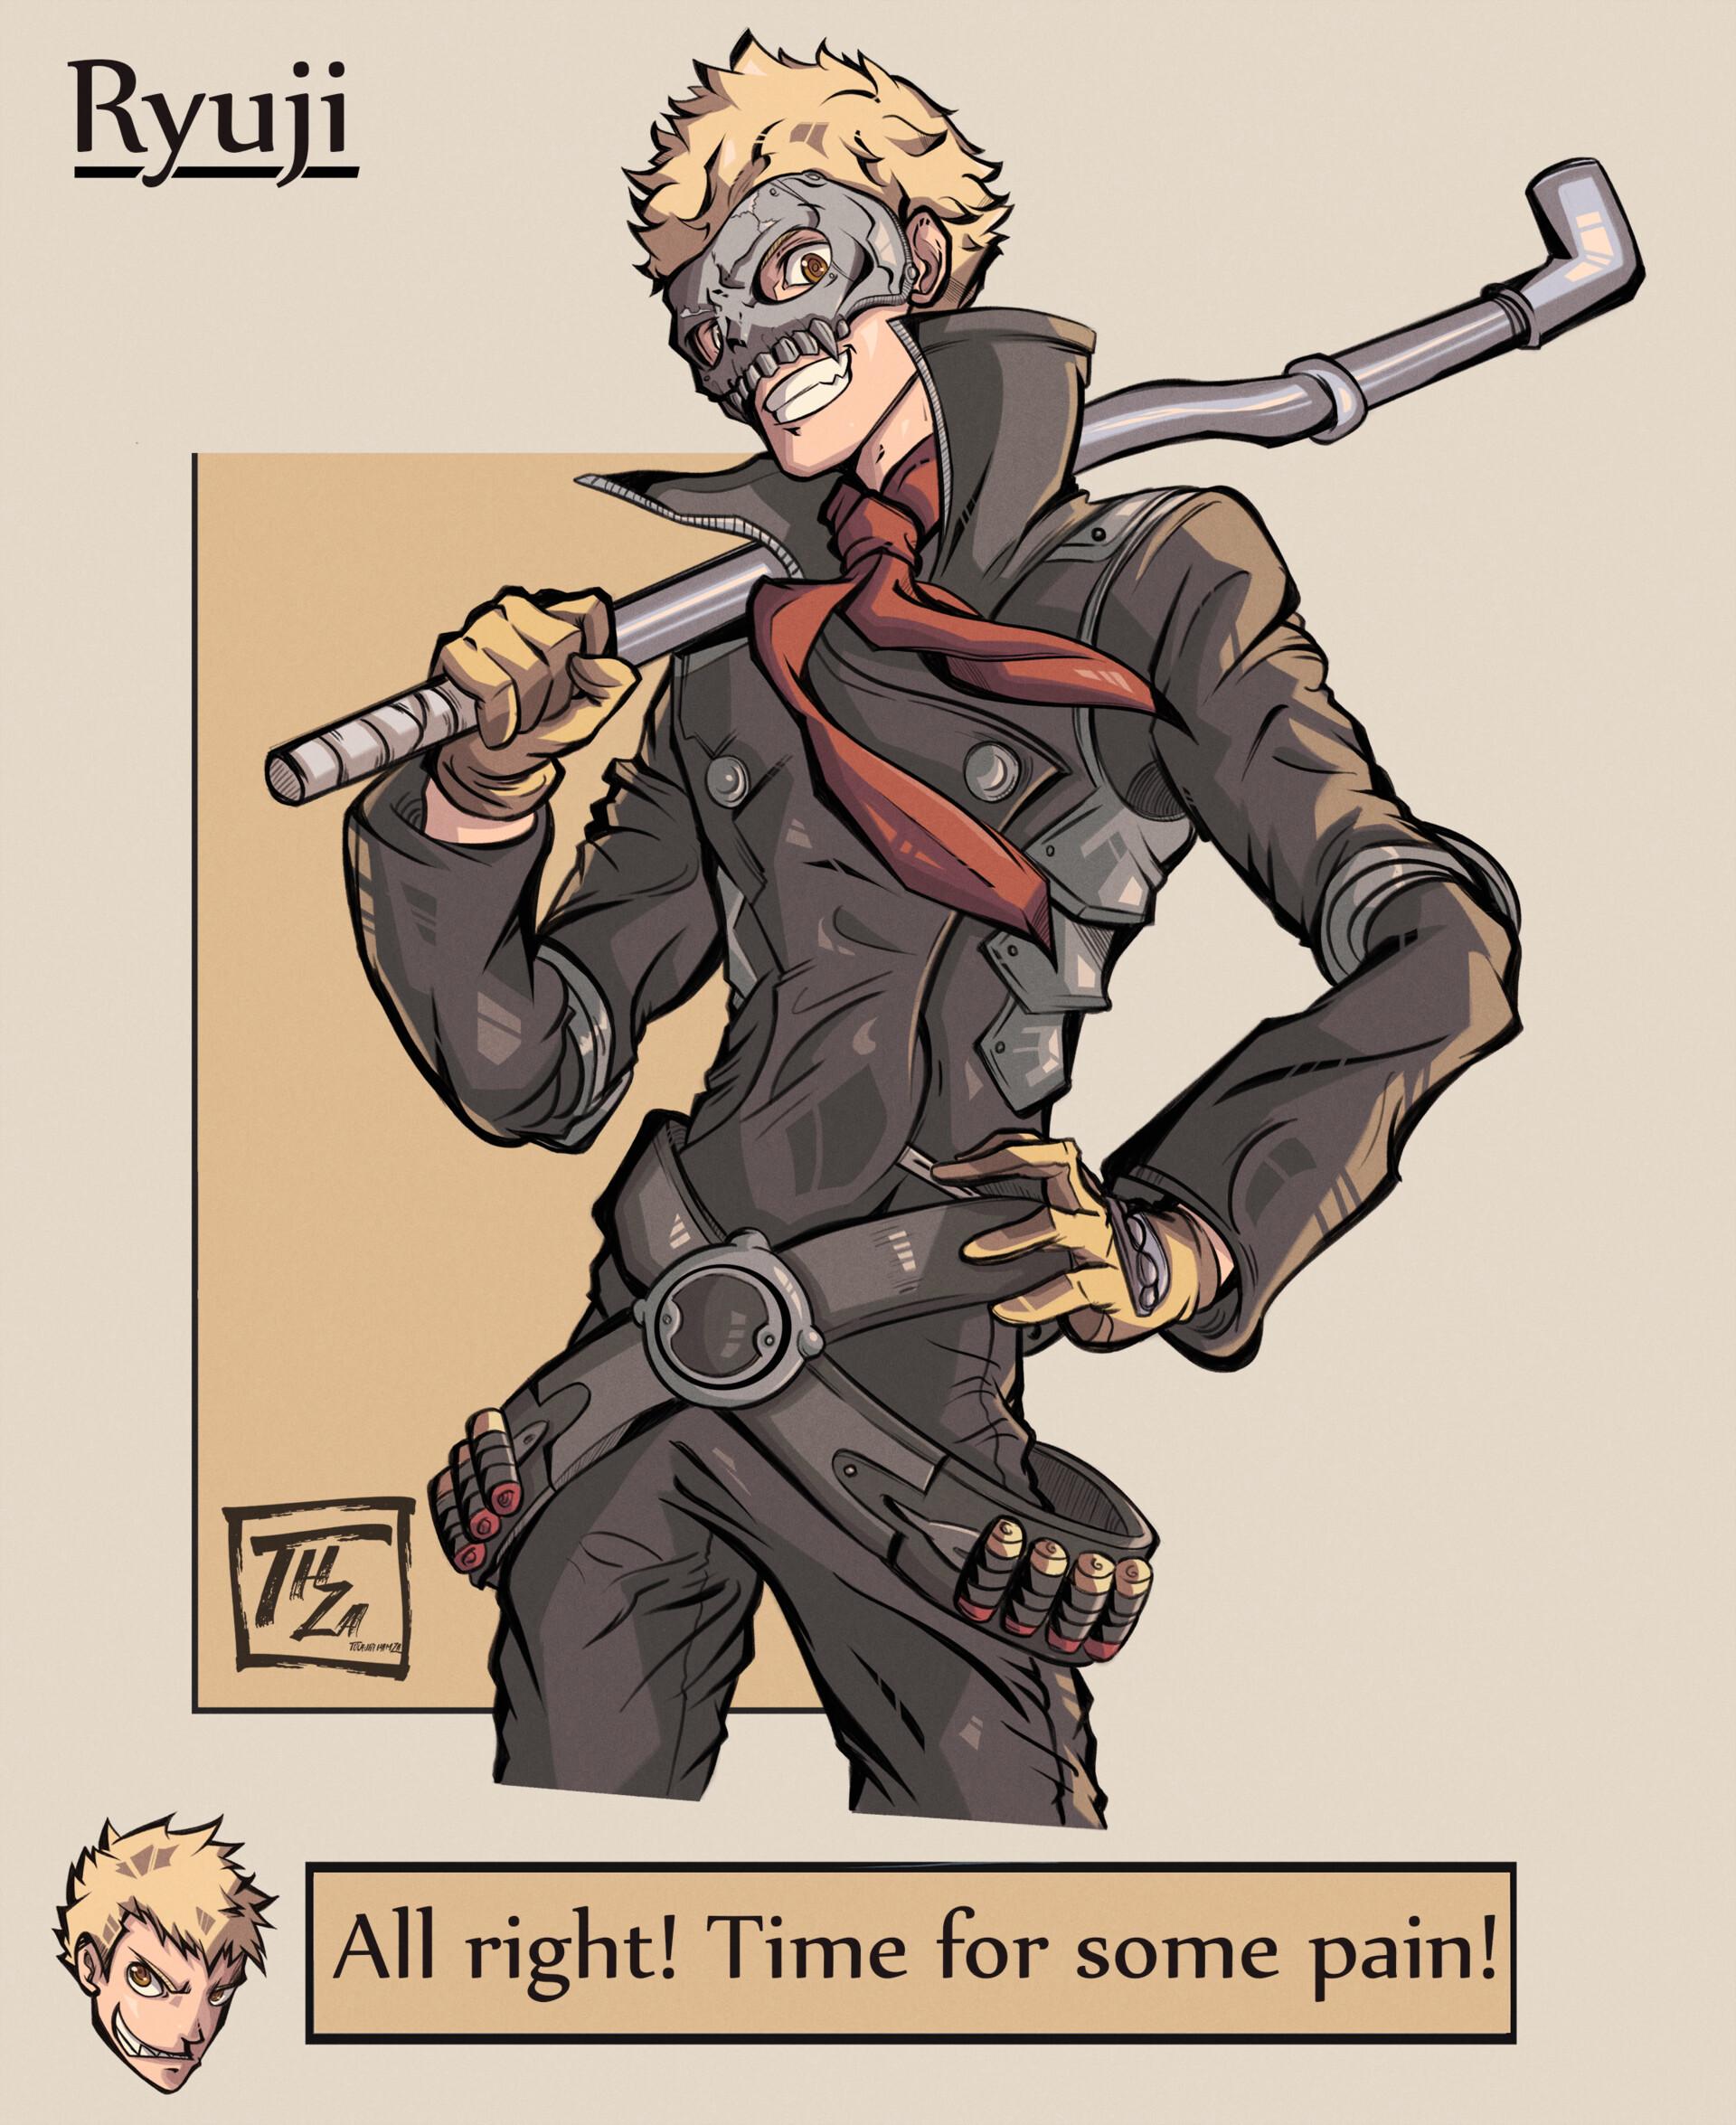 Hamza Touijri Ryuji Character Art